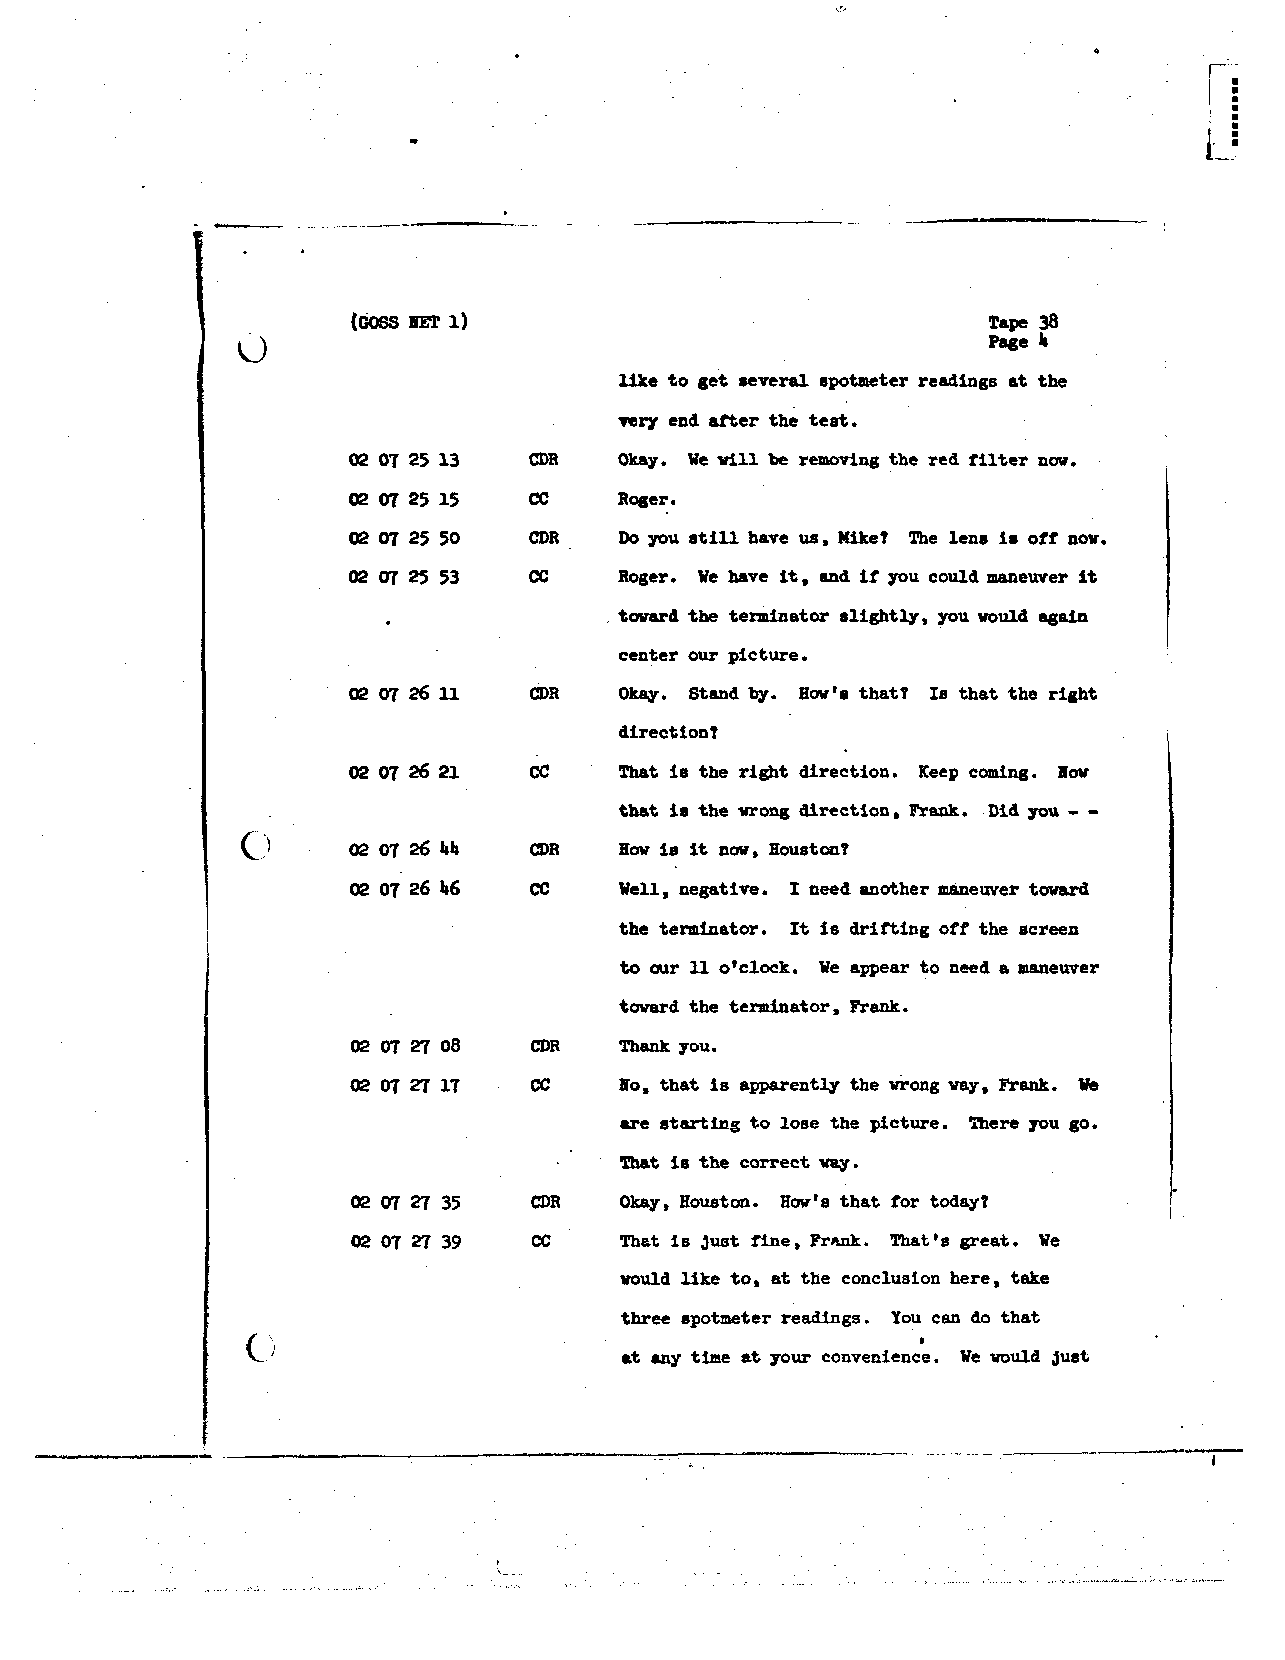 Page 297 of Apollo 8's original transcript